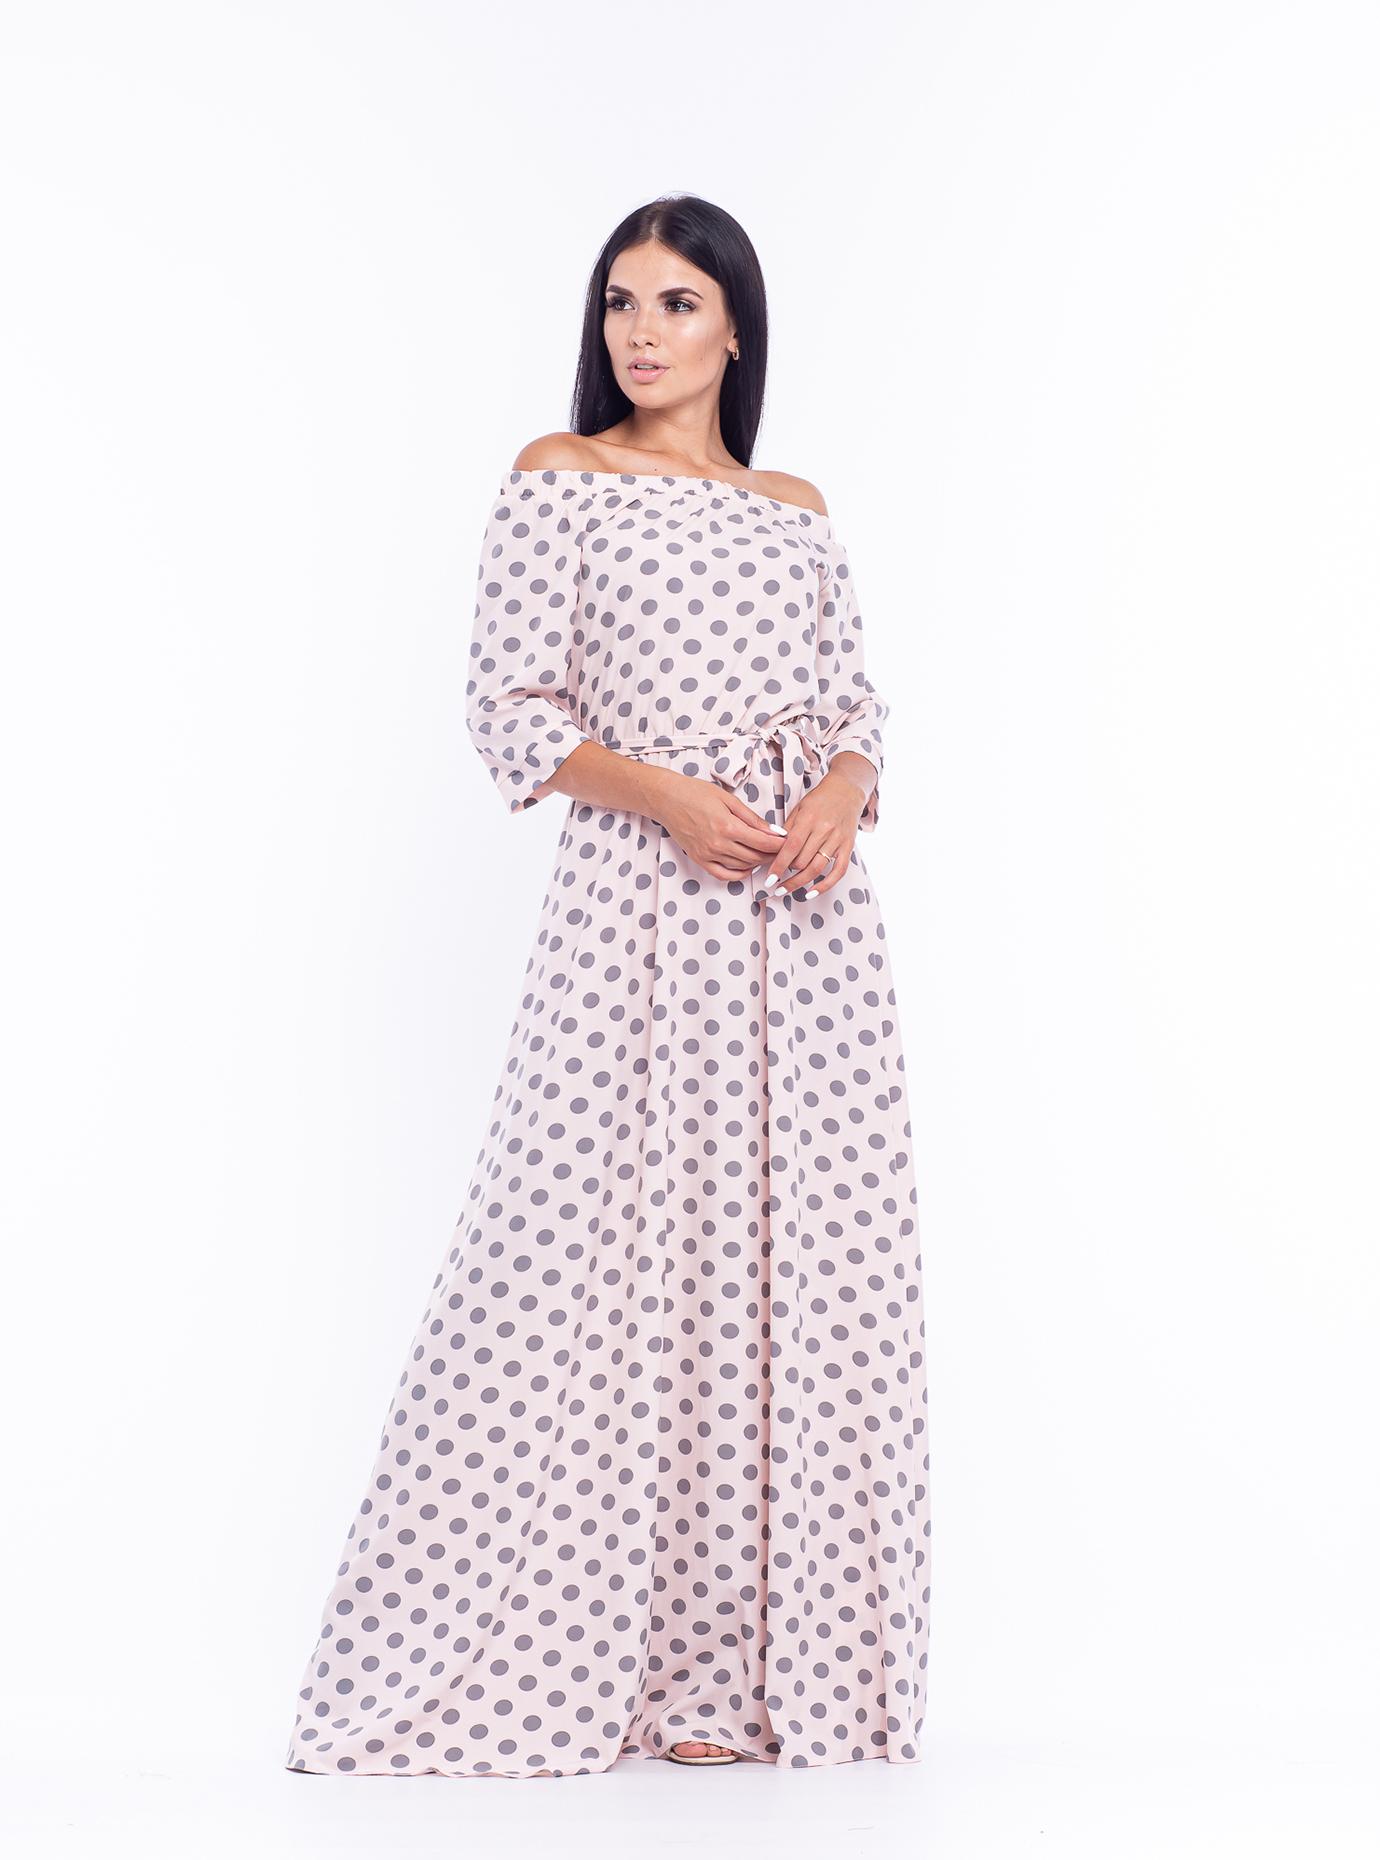 Платье длинное Матрена Светло розовый 42 (04-8987989): фото - Alster.ua